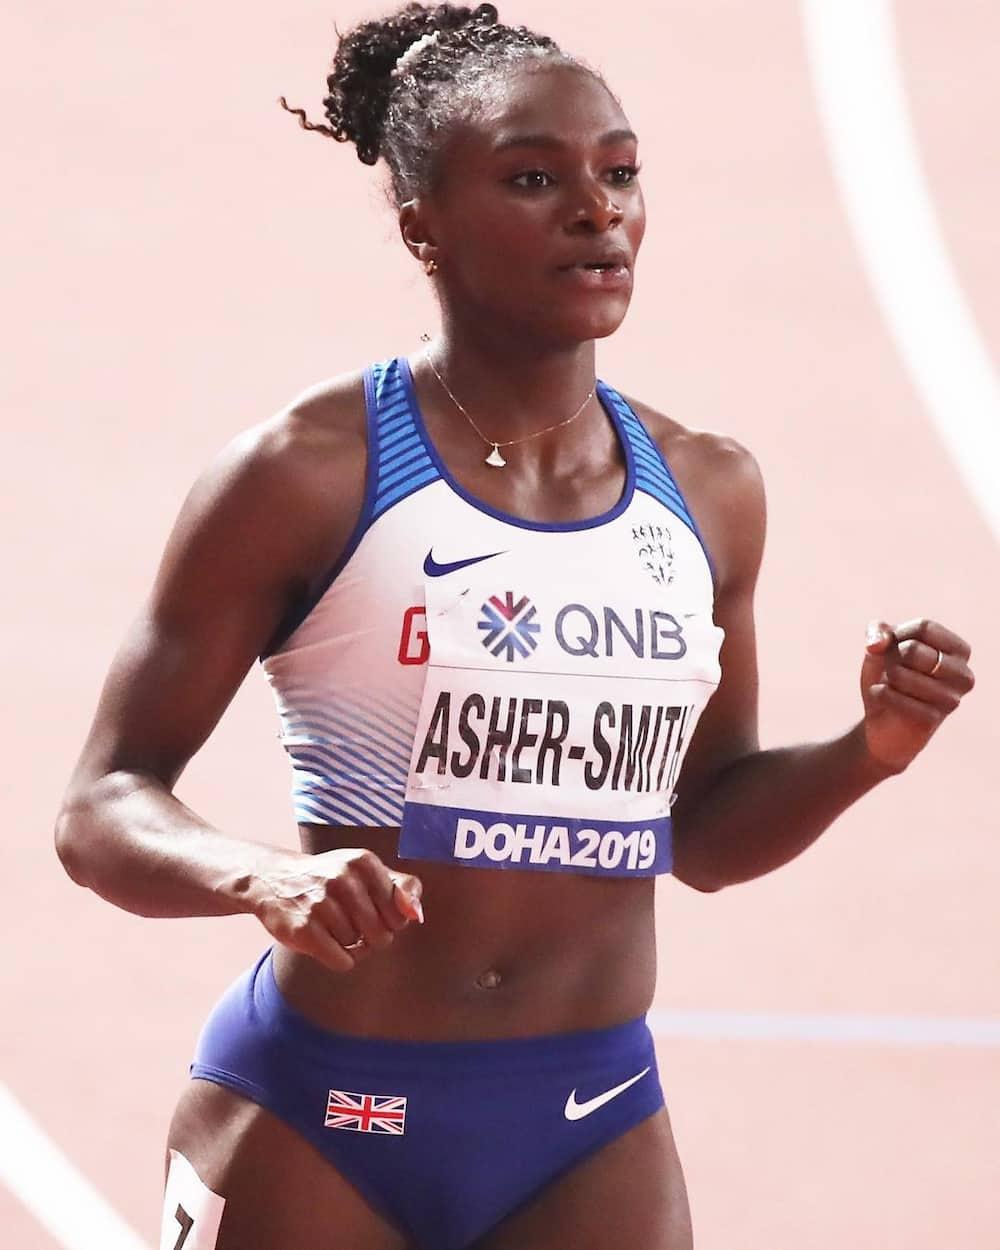 Dina Asher-Smith career